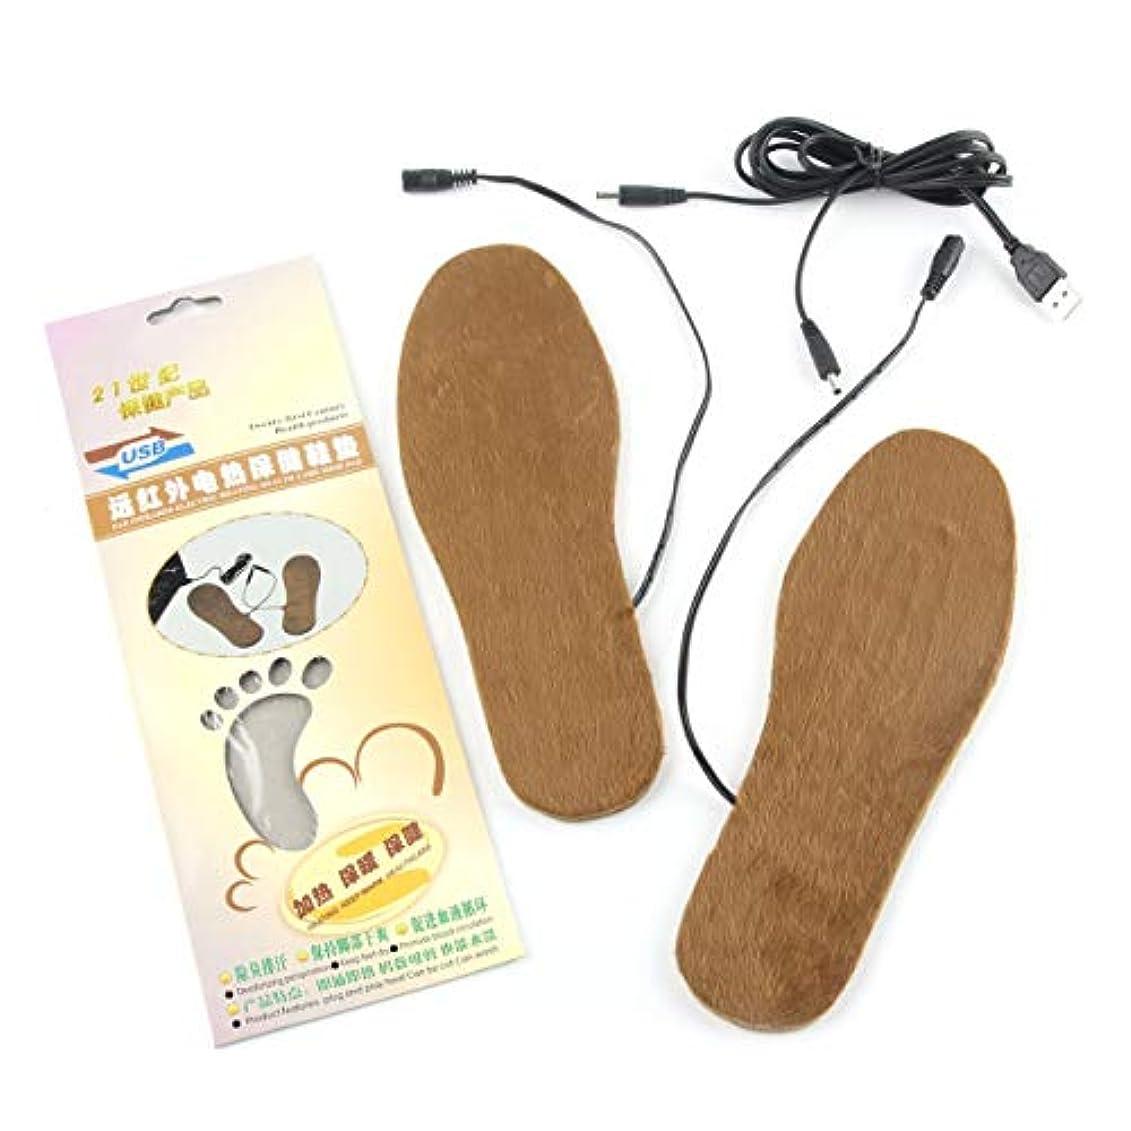 ケーブル不規則性からSaikogoods 1ペア切断可能冬のブーツインソールUSB温水フットウォーマーソフトシューズパッドクッション快適な靴のアクセサリー 淡い茶色 男性用